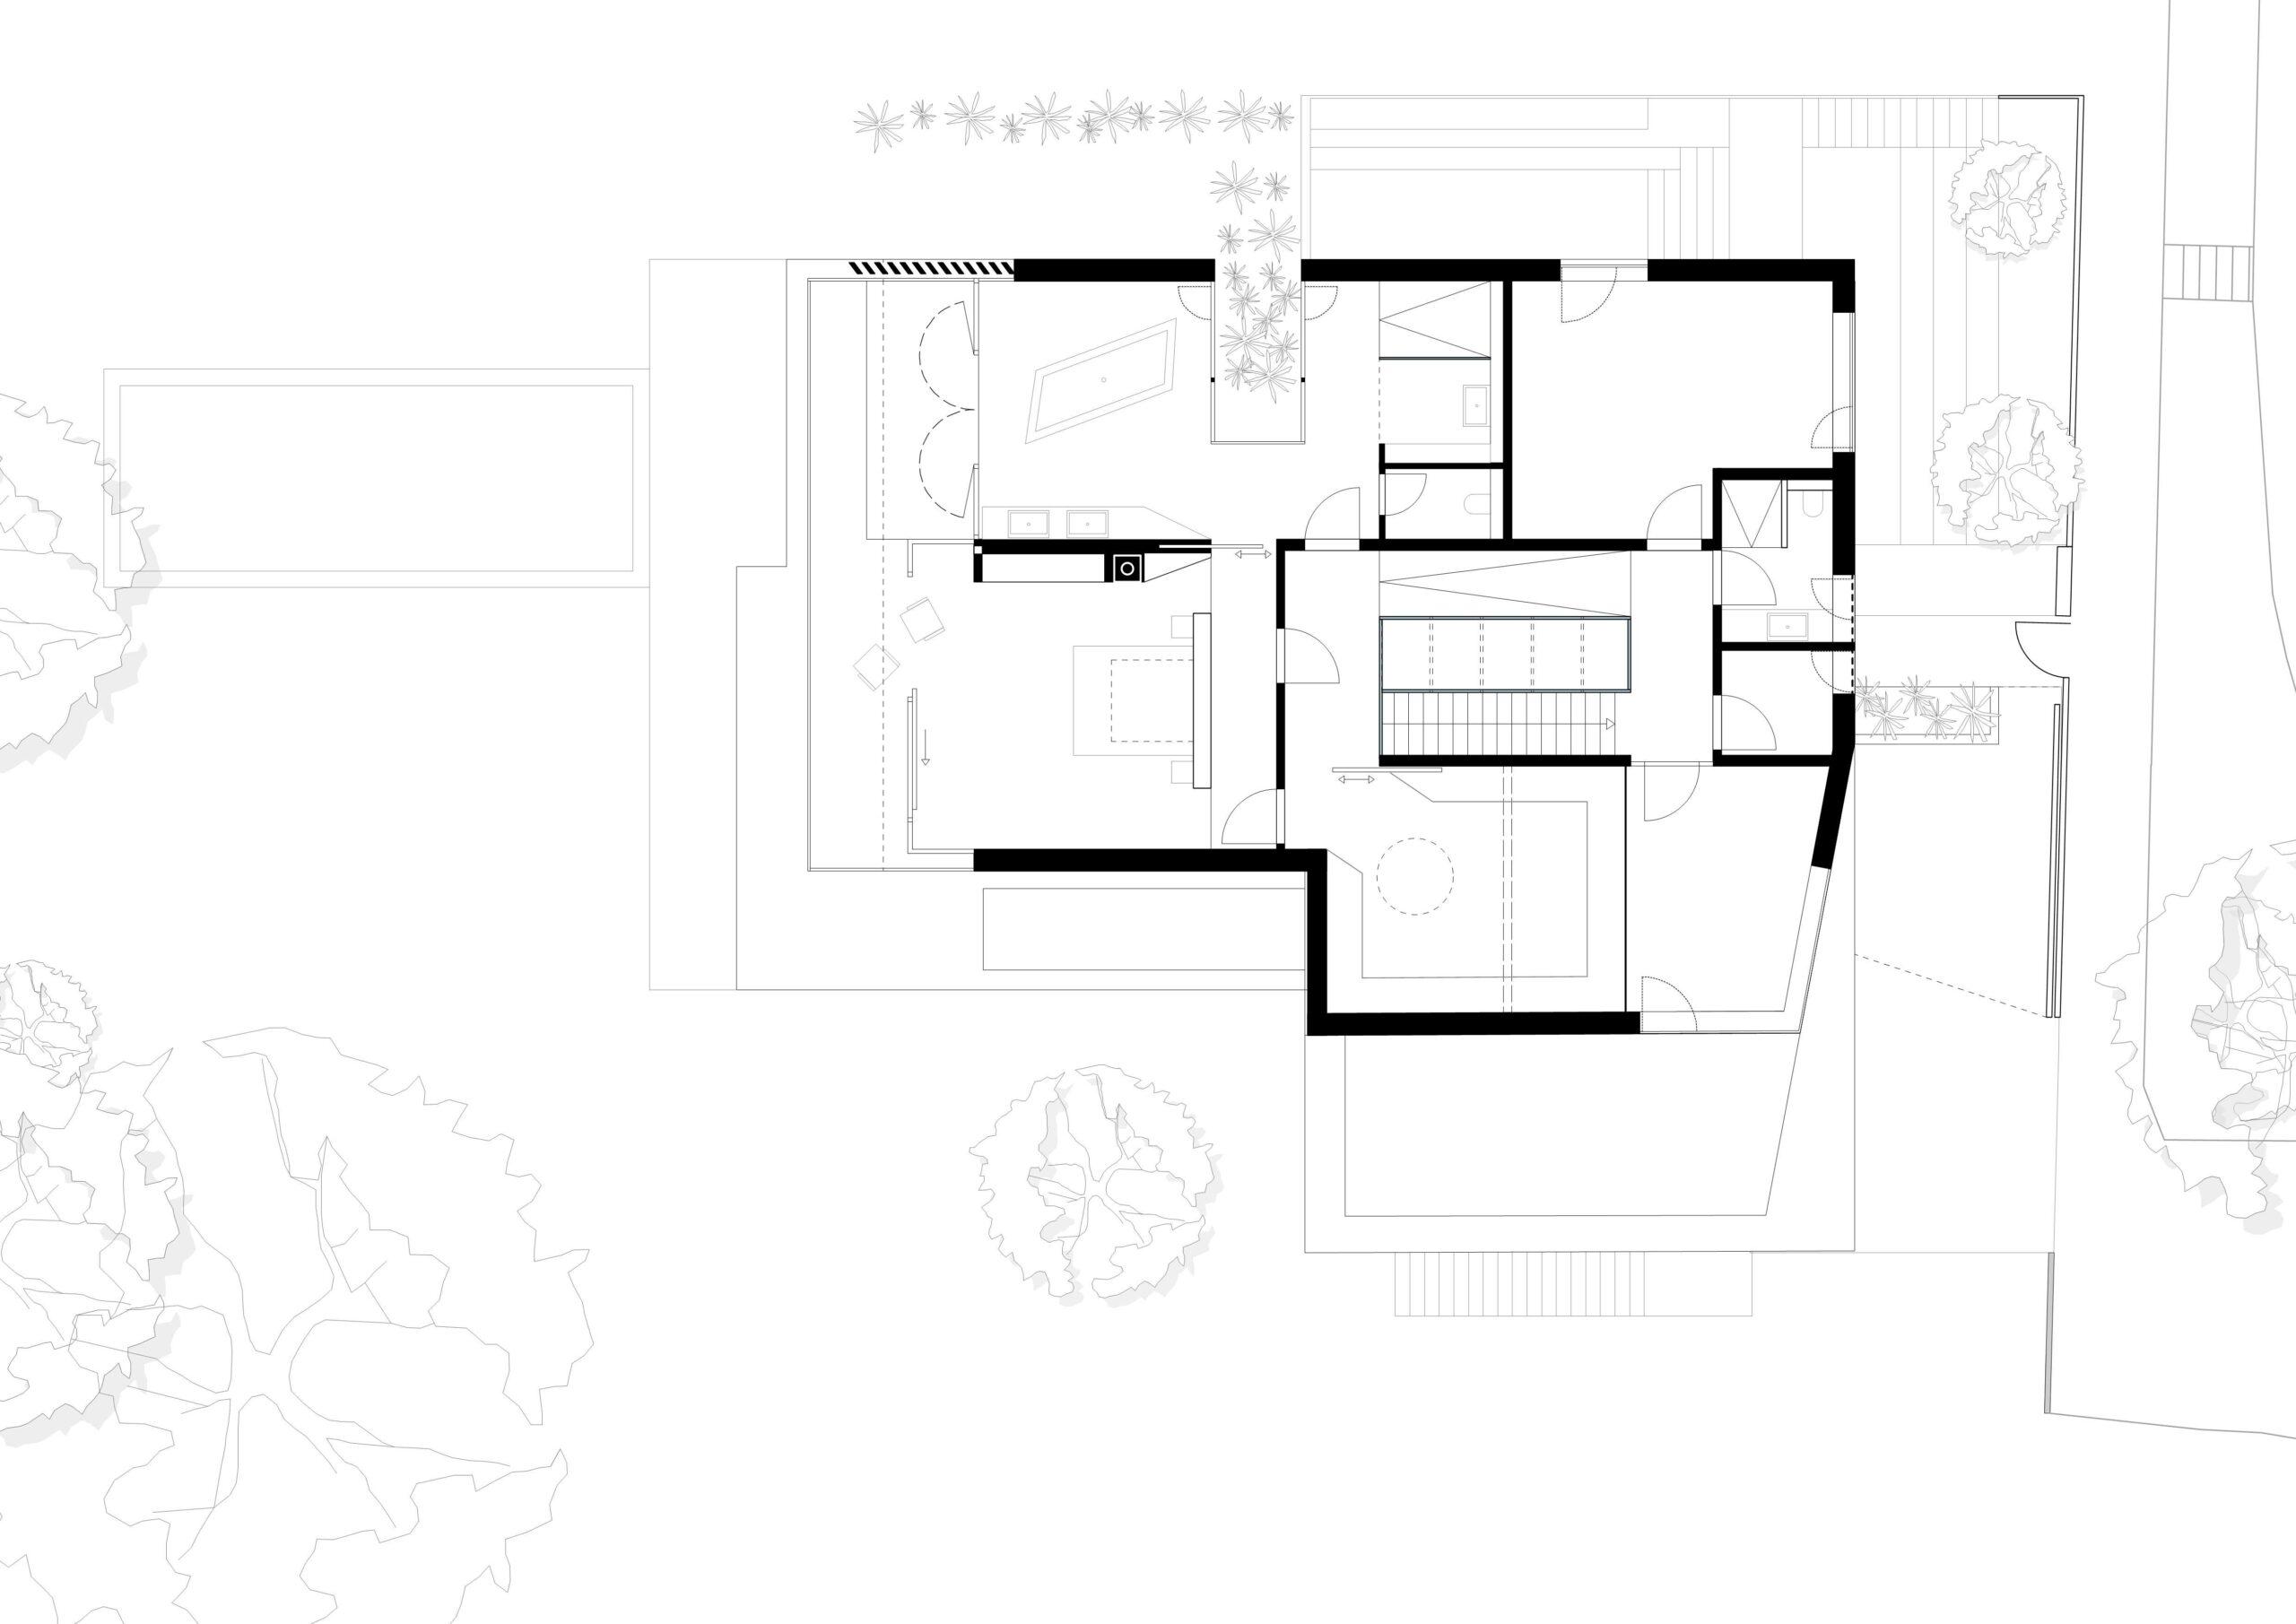 296_Villa P_Grundriss Obergeschoss_FFM-ARCHITEKTEN